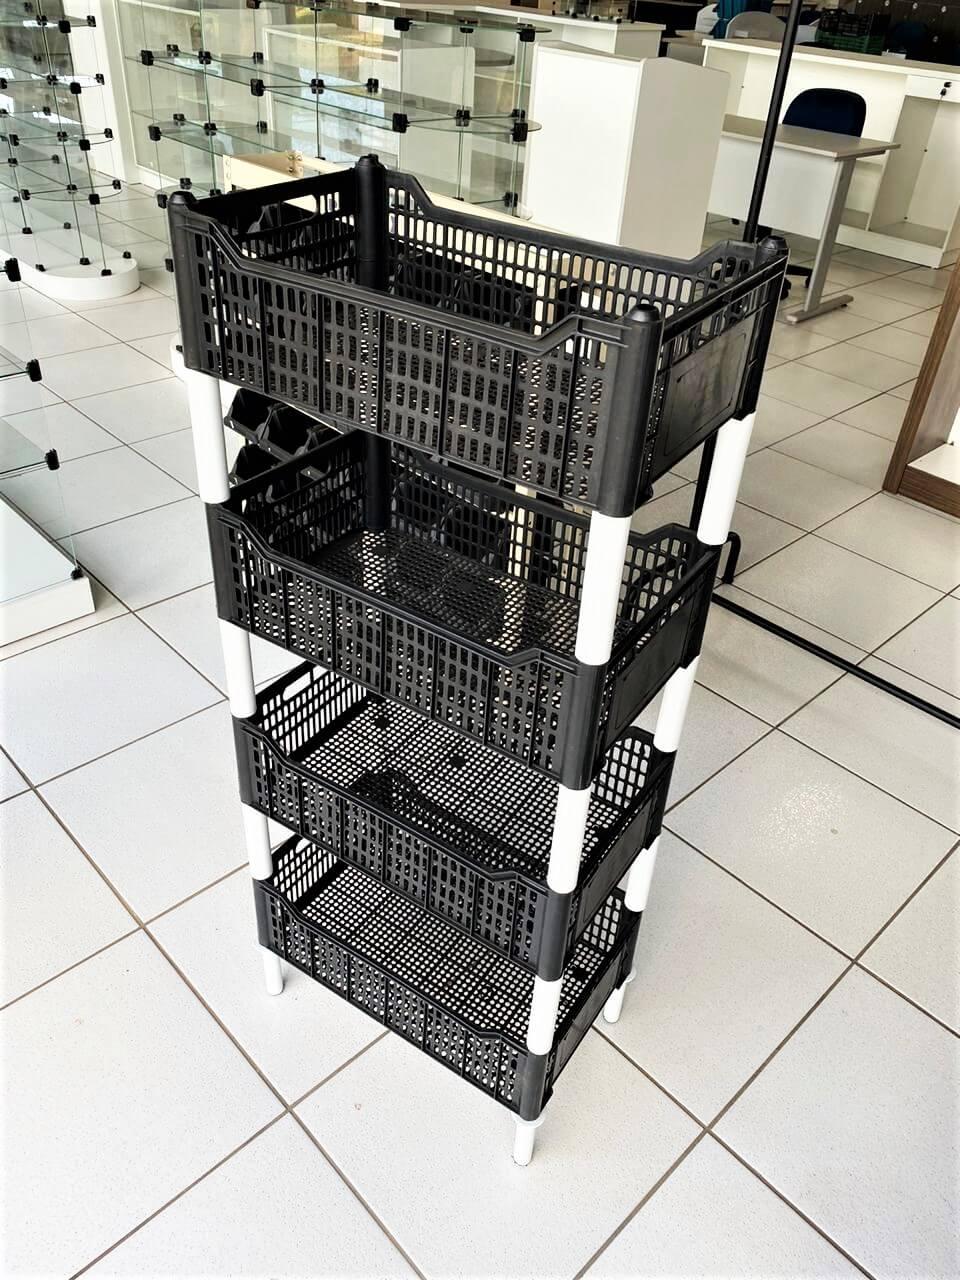 Expositor Multiuso Empilhável Organizador C/ 4 Caixas